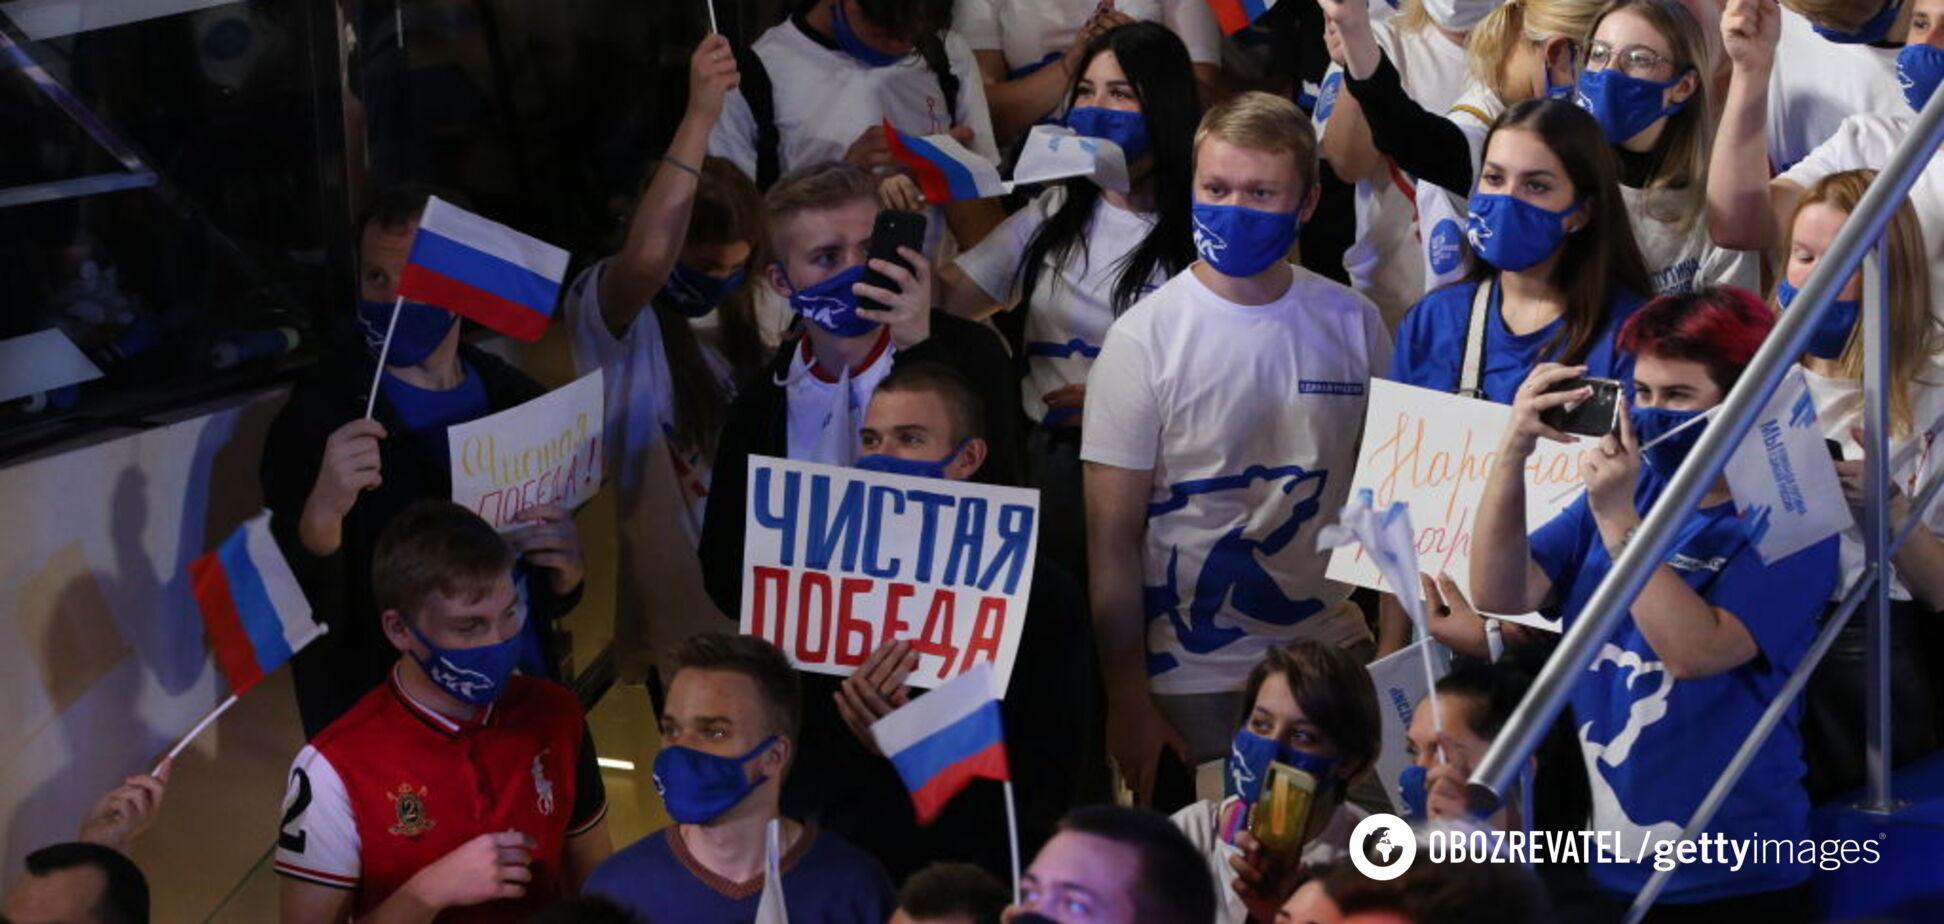 Итоги выборов в РФ: процесс 'закручивания гаек' запущен